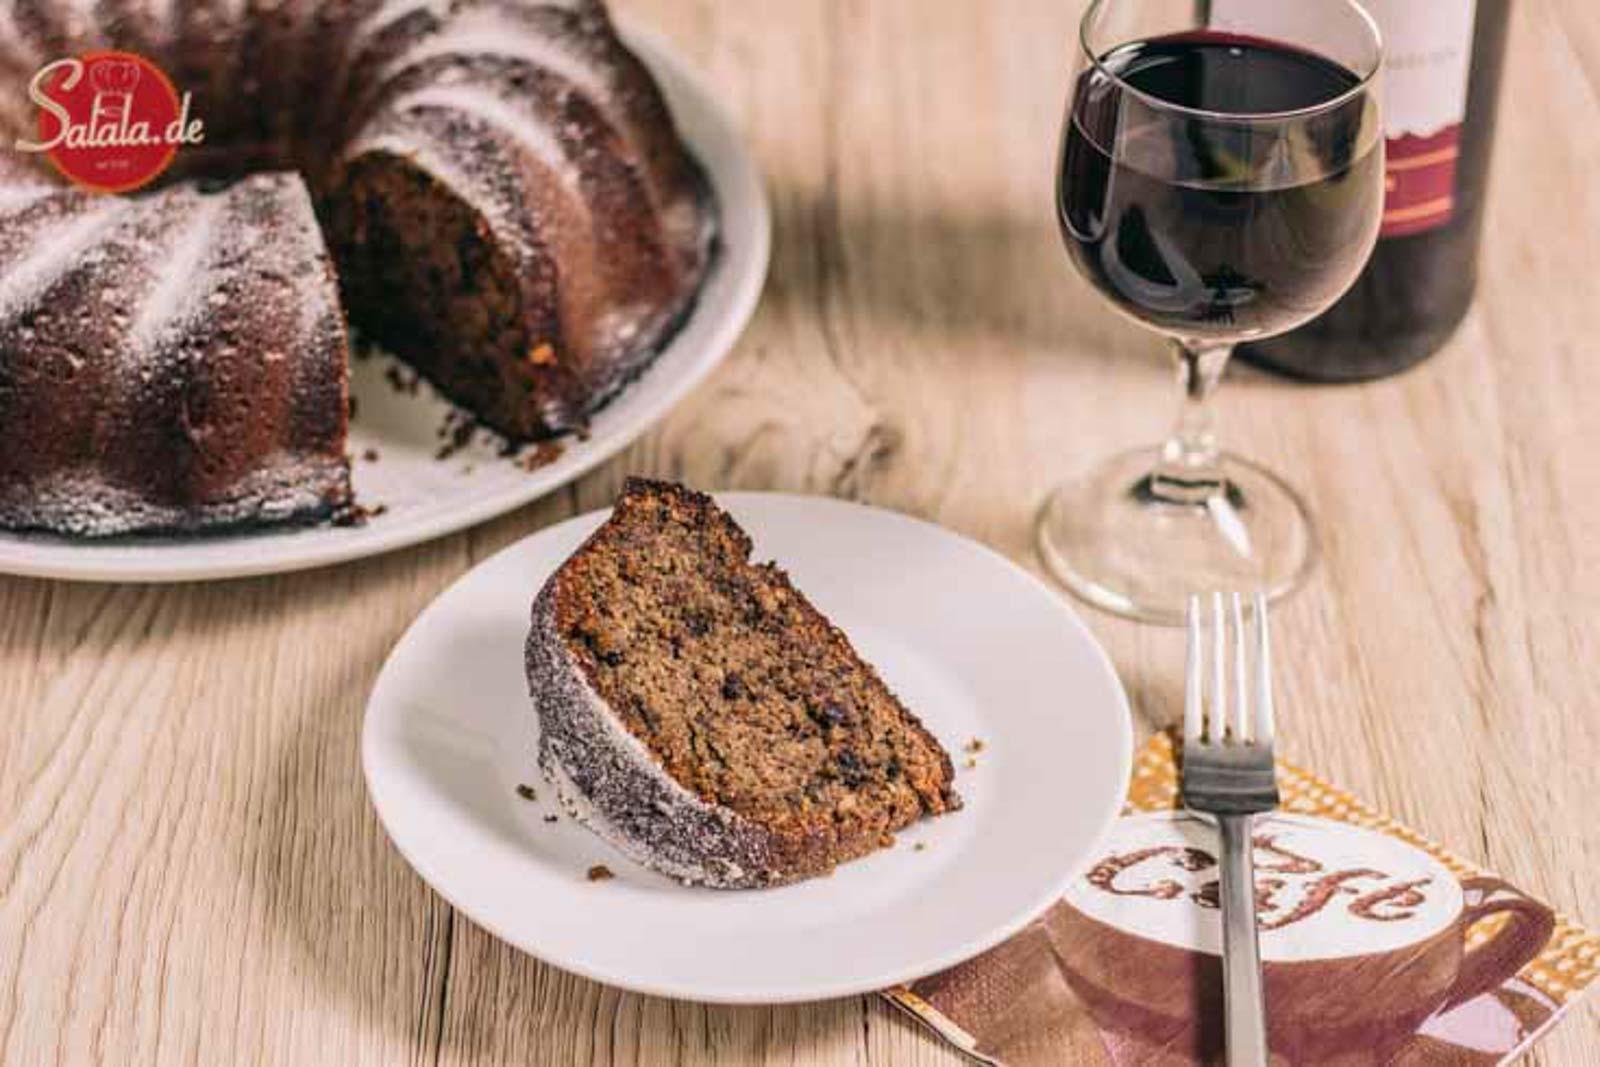 rotweinkuchen low carb ohne mehl ohne zucker glutefrei backen salala.de rezept